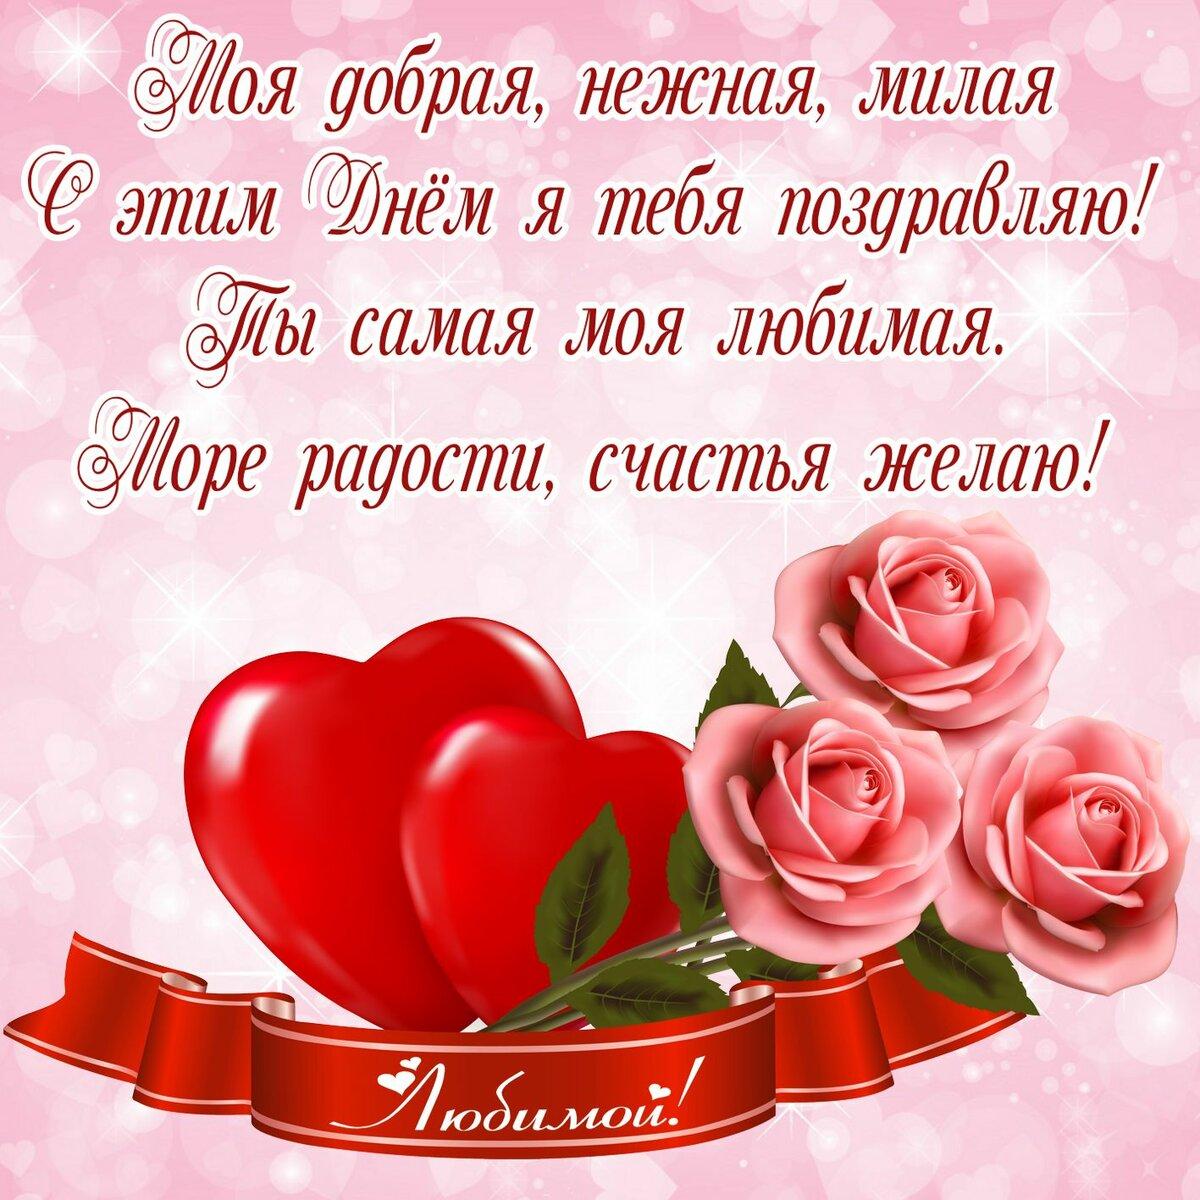 Очень хорошее поздравление любимого